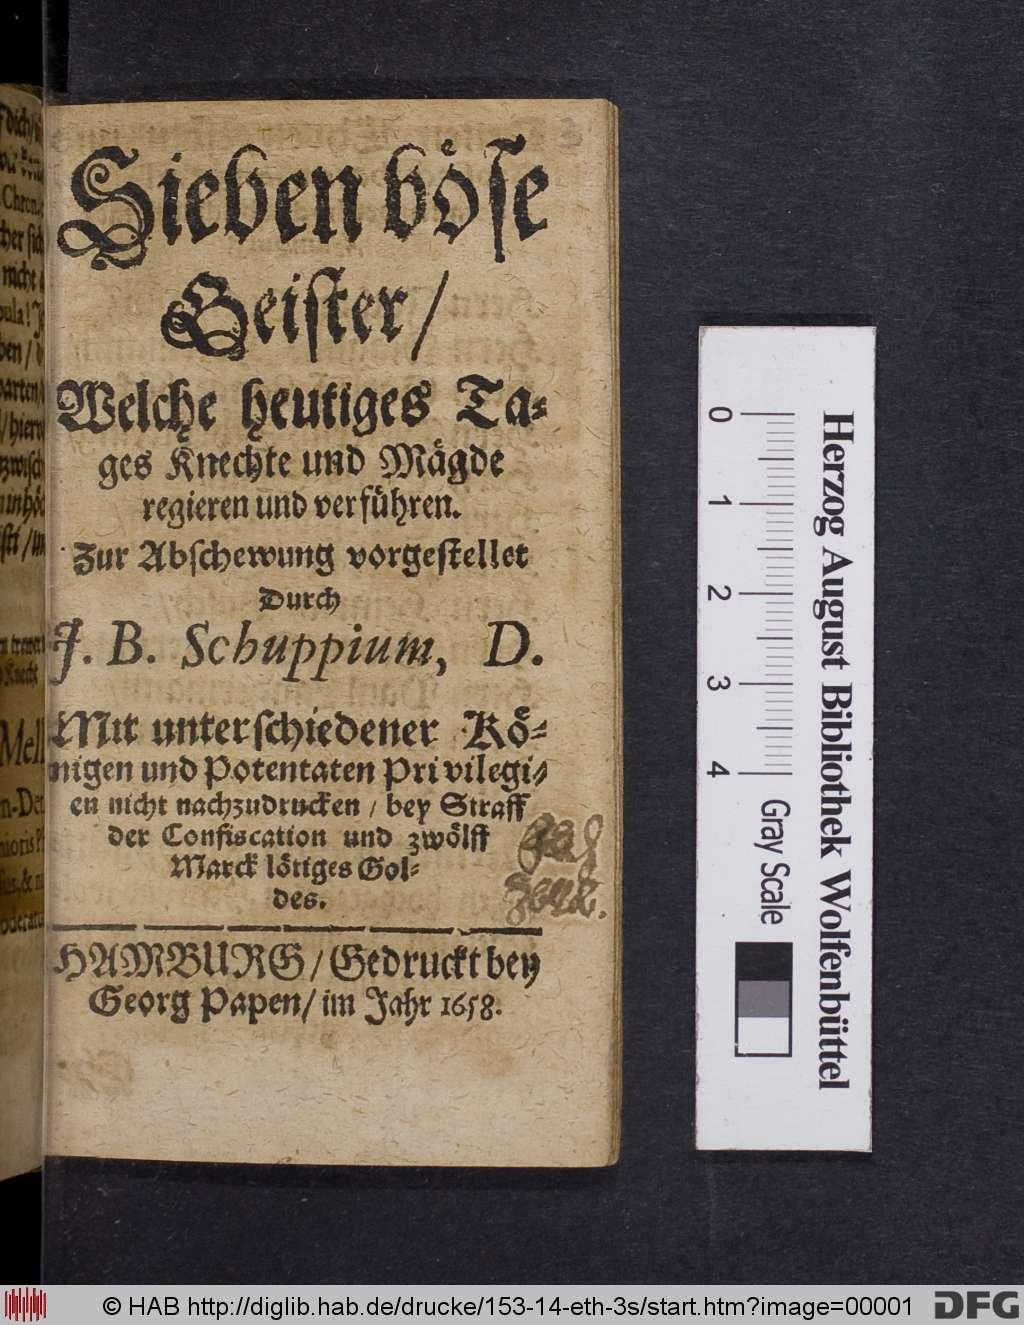 http://diglib.hab.de/drucke/153-14-eth-3s/00001.jpg